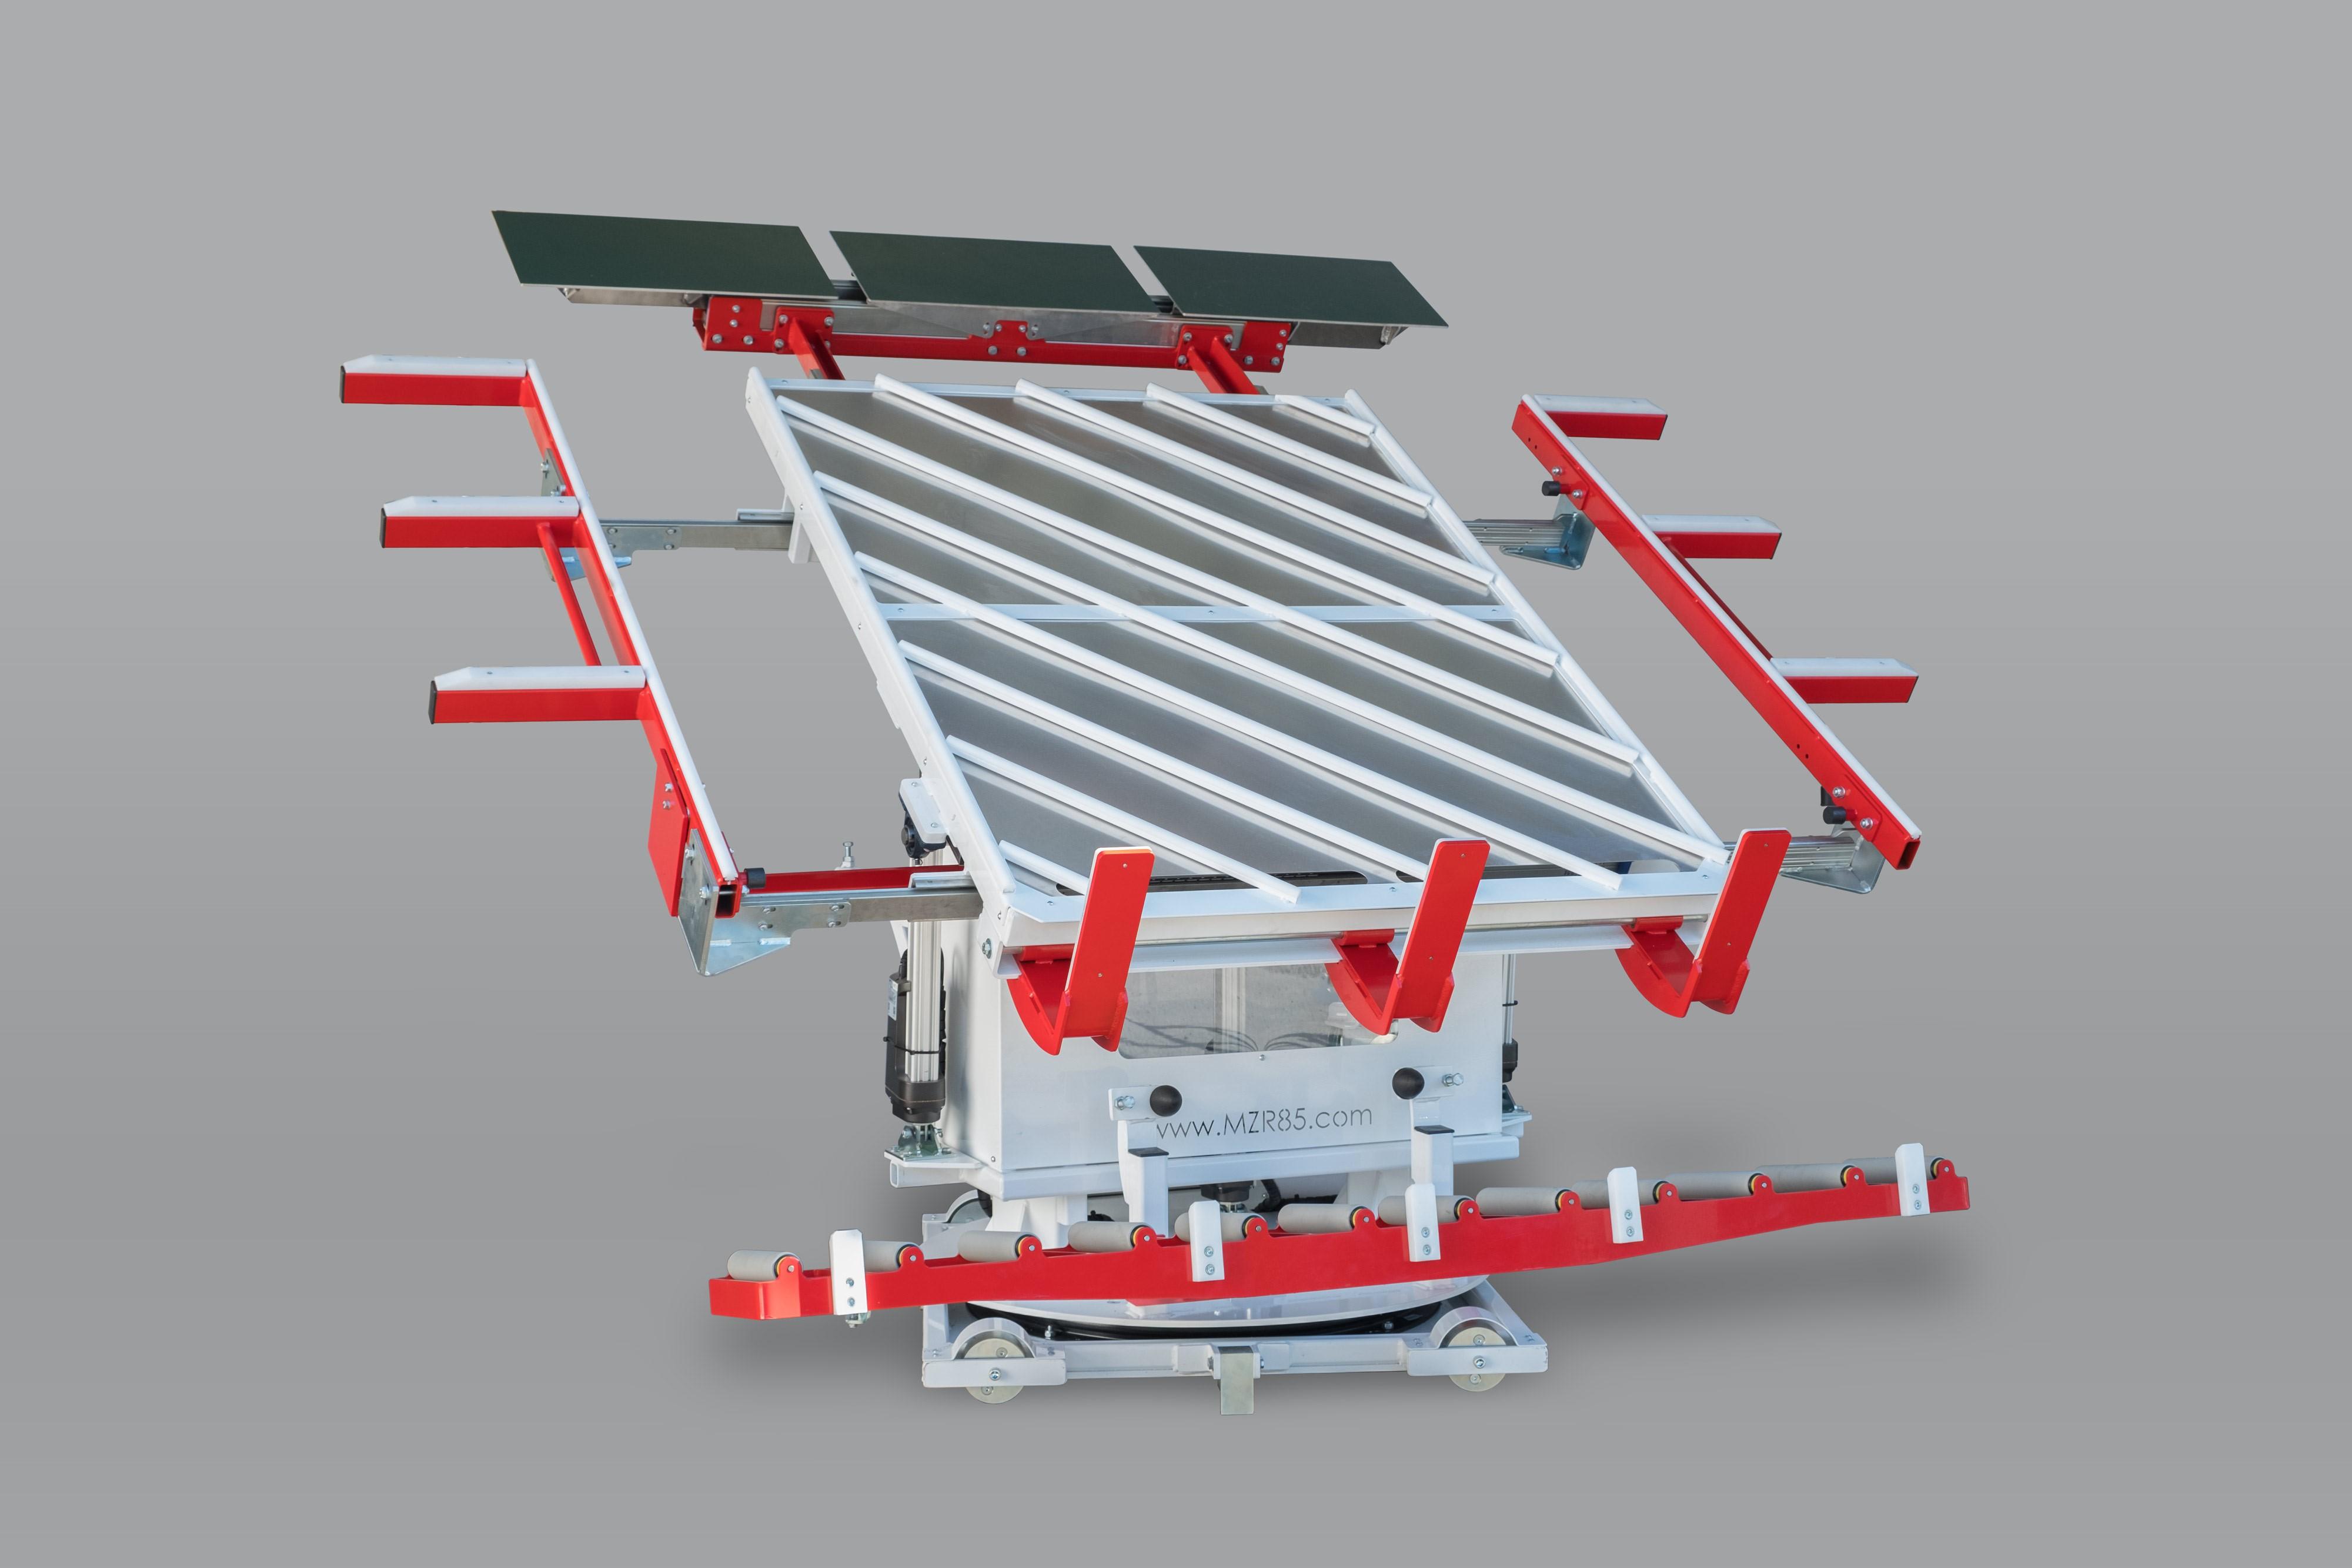 TBMBR - Table basculante monte et baisse rotative